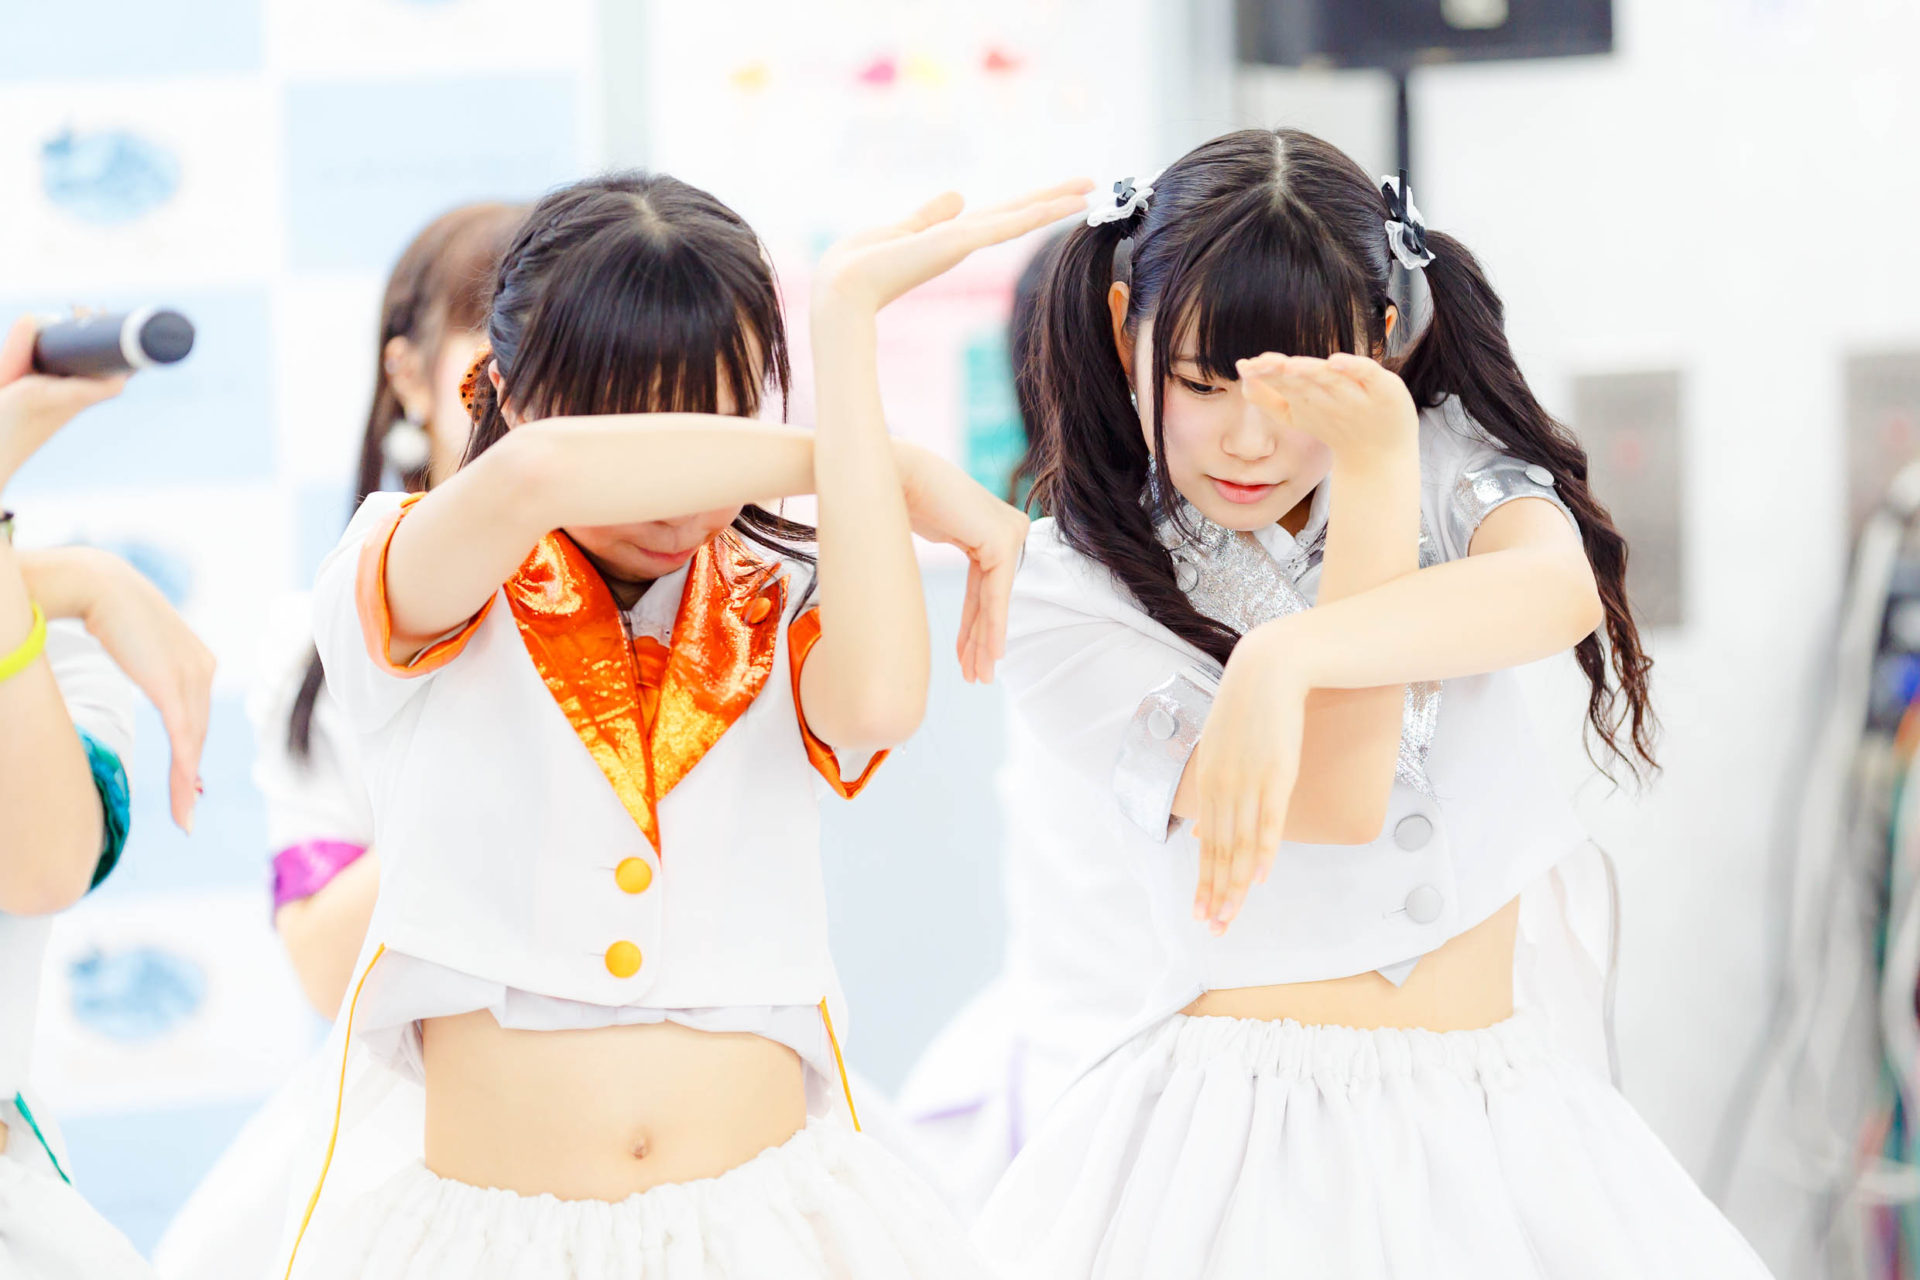 フルーティー - さえ ( 大井彩愛 ) & あいか ( 成瀬愛夏 )